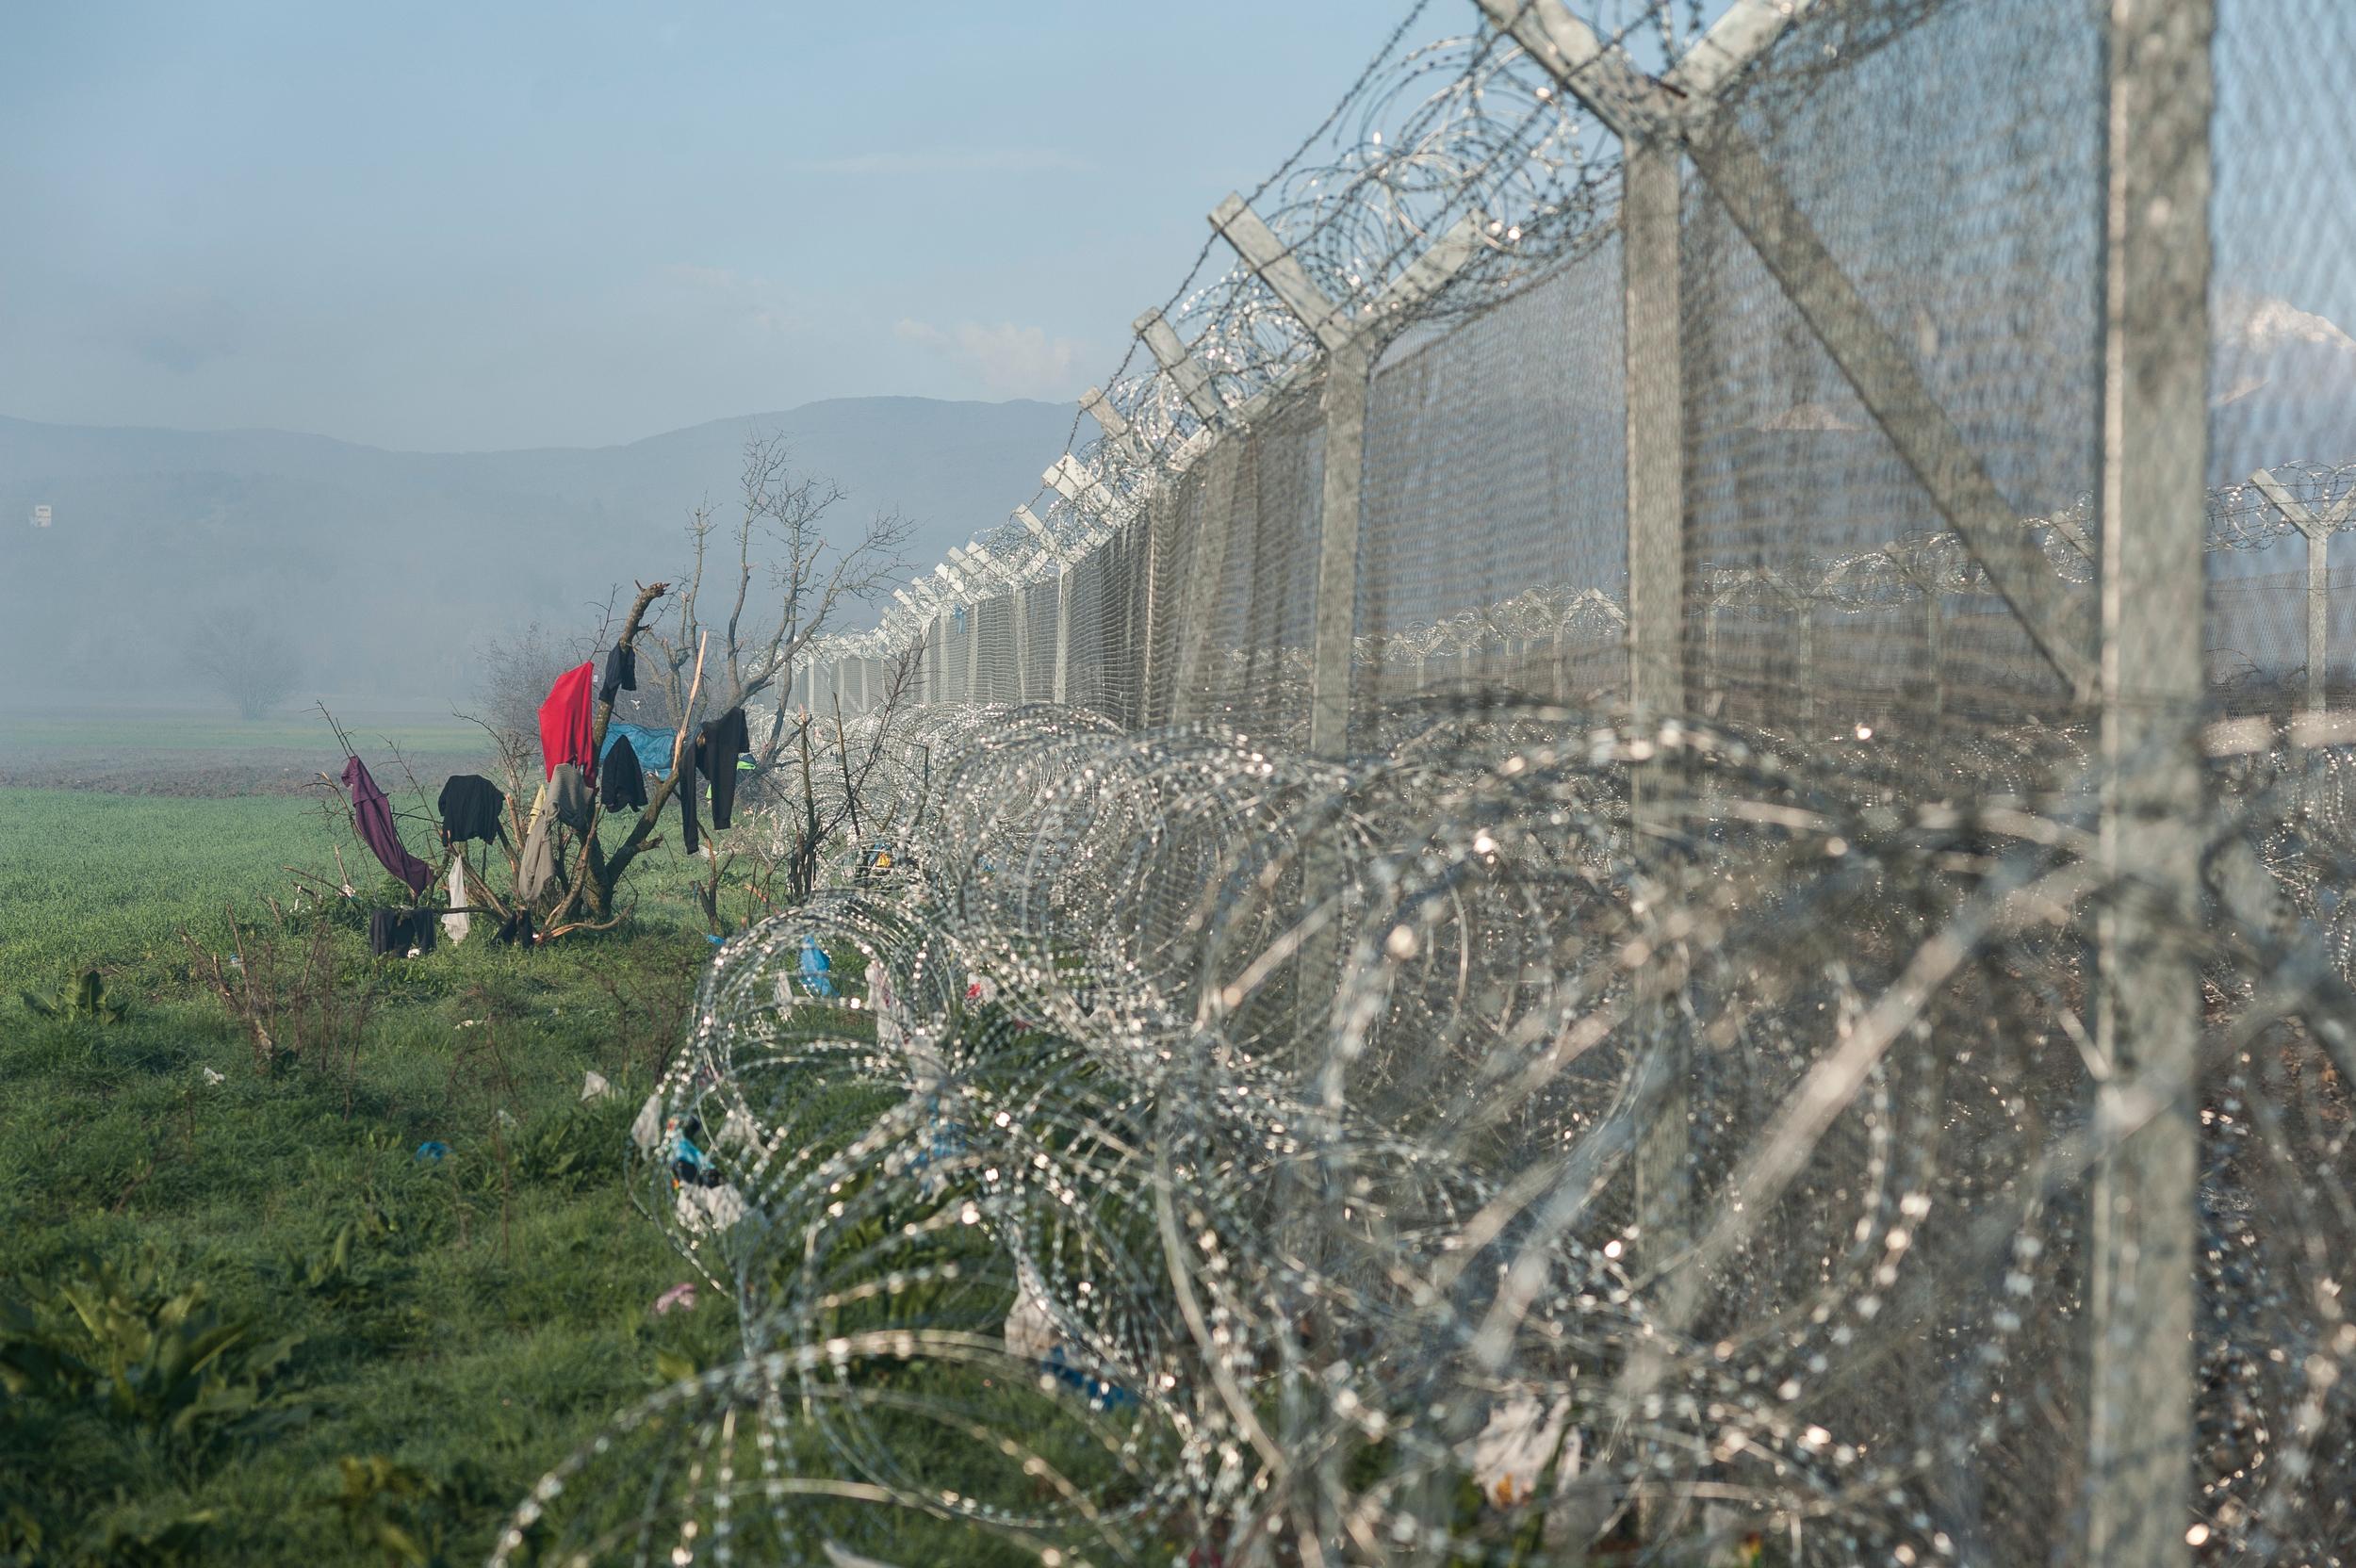 A migráció az európai szélsőjobb egyetlen témája, de ezzel nagyon hatékonyan mozgósítanak